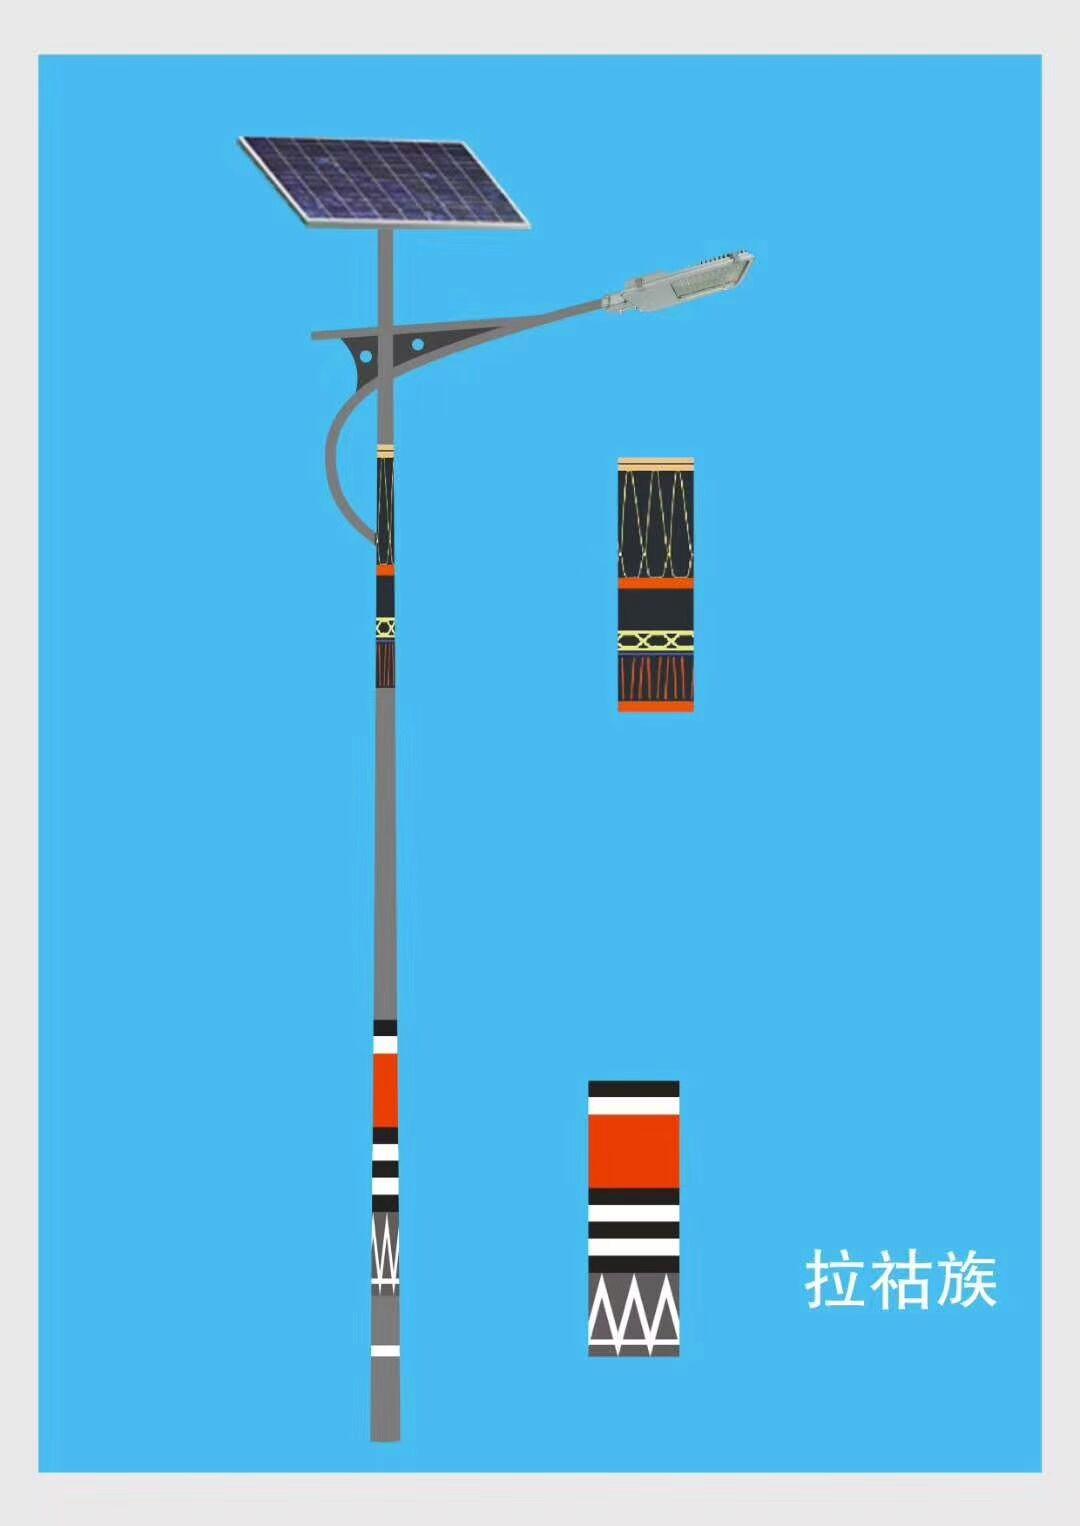 民族风路灯